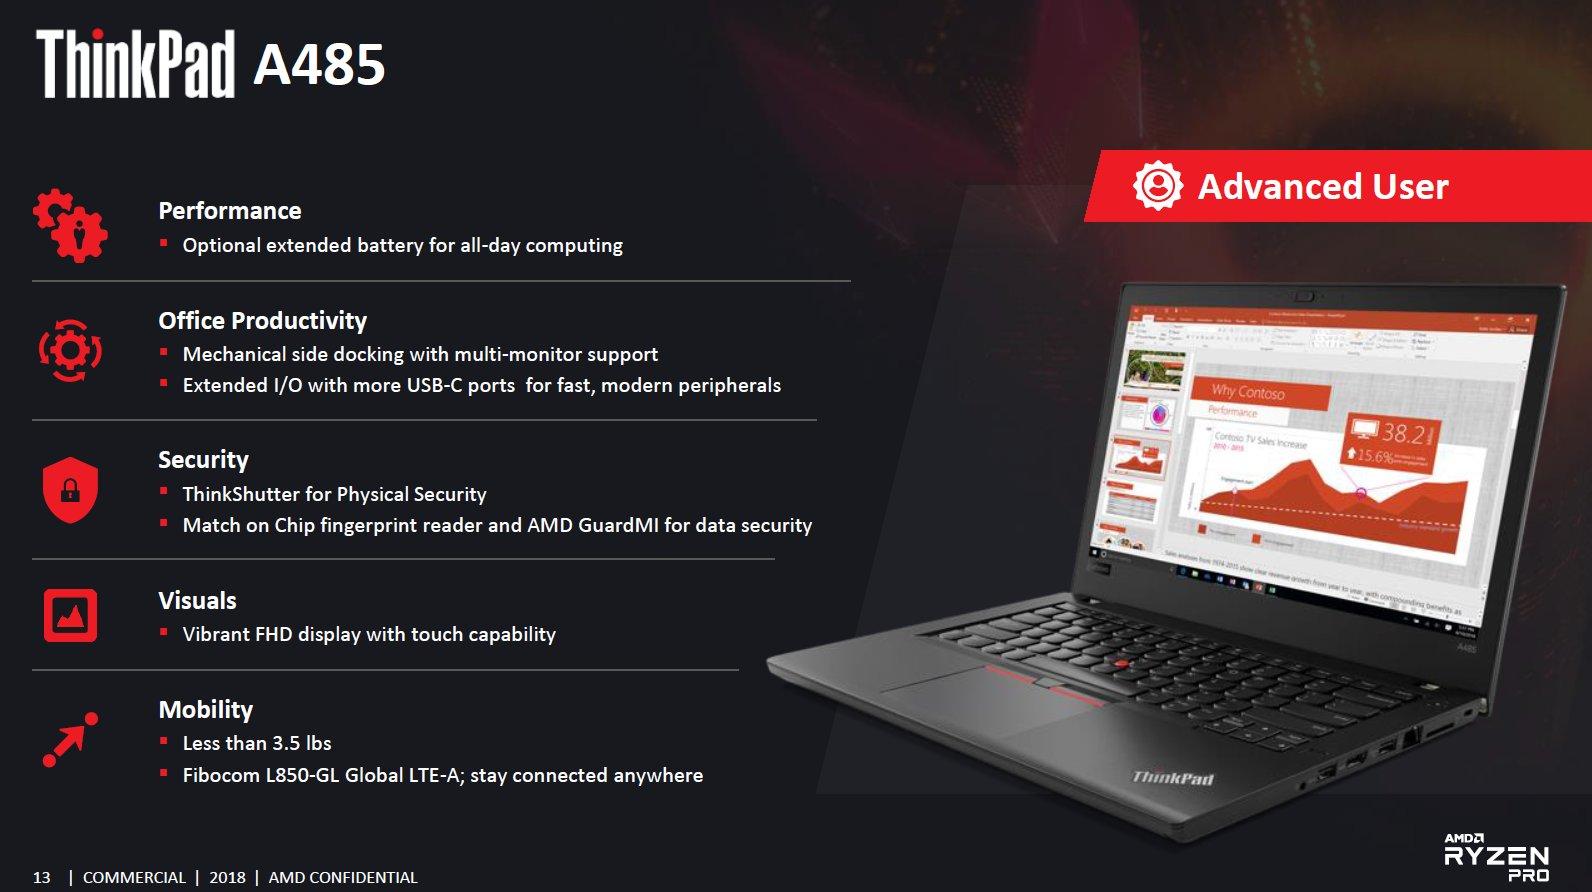 Lenovo ThinkPad A485